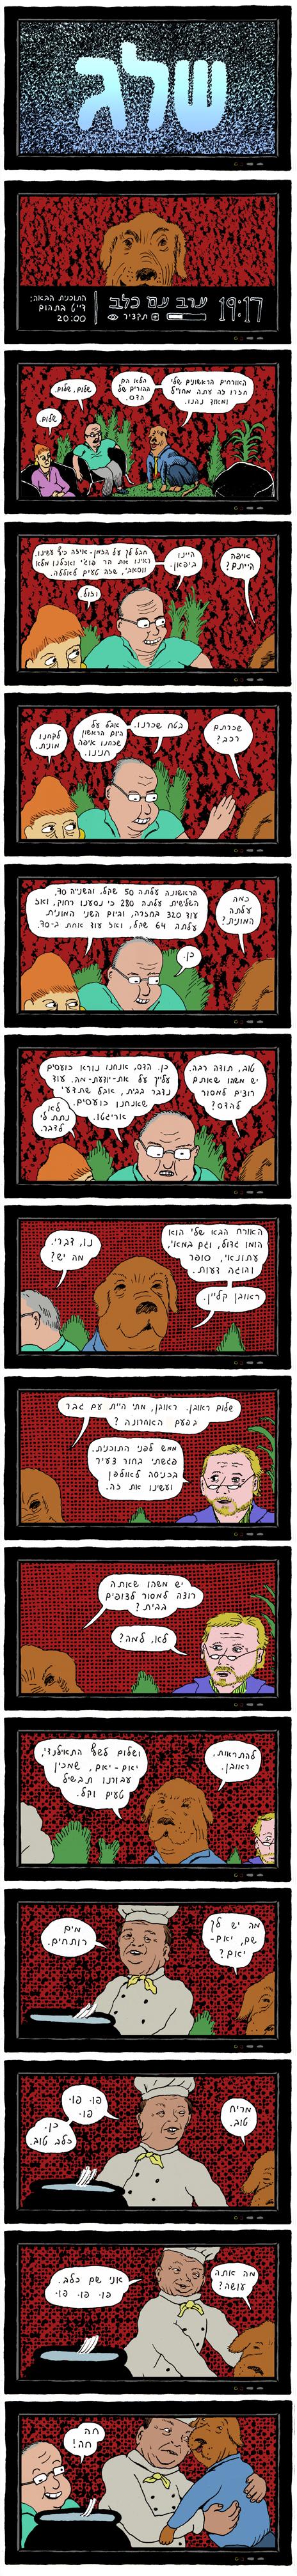 """""""שלג"""", פרק 1 - קומיקס מאת טדי גולדנברג"""